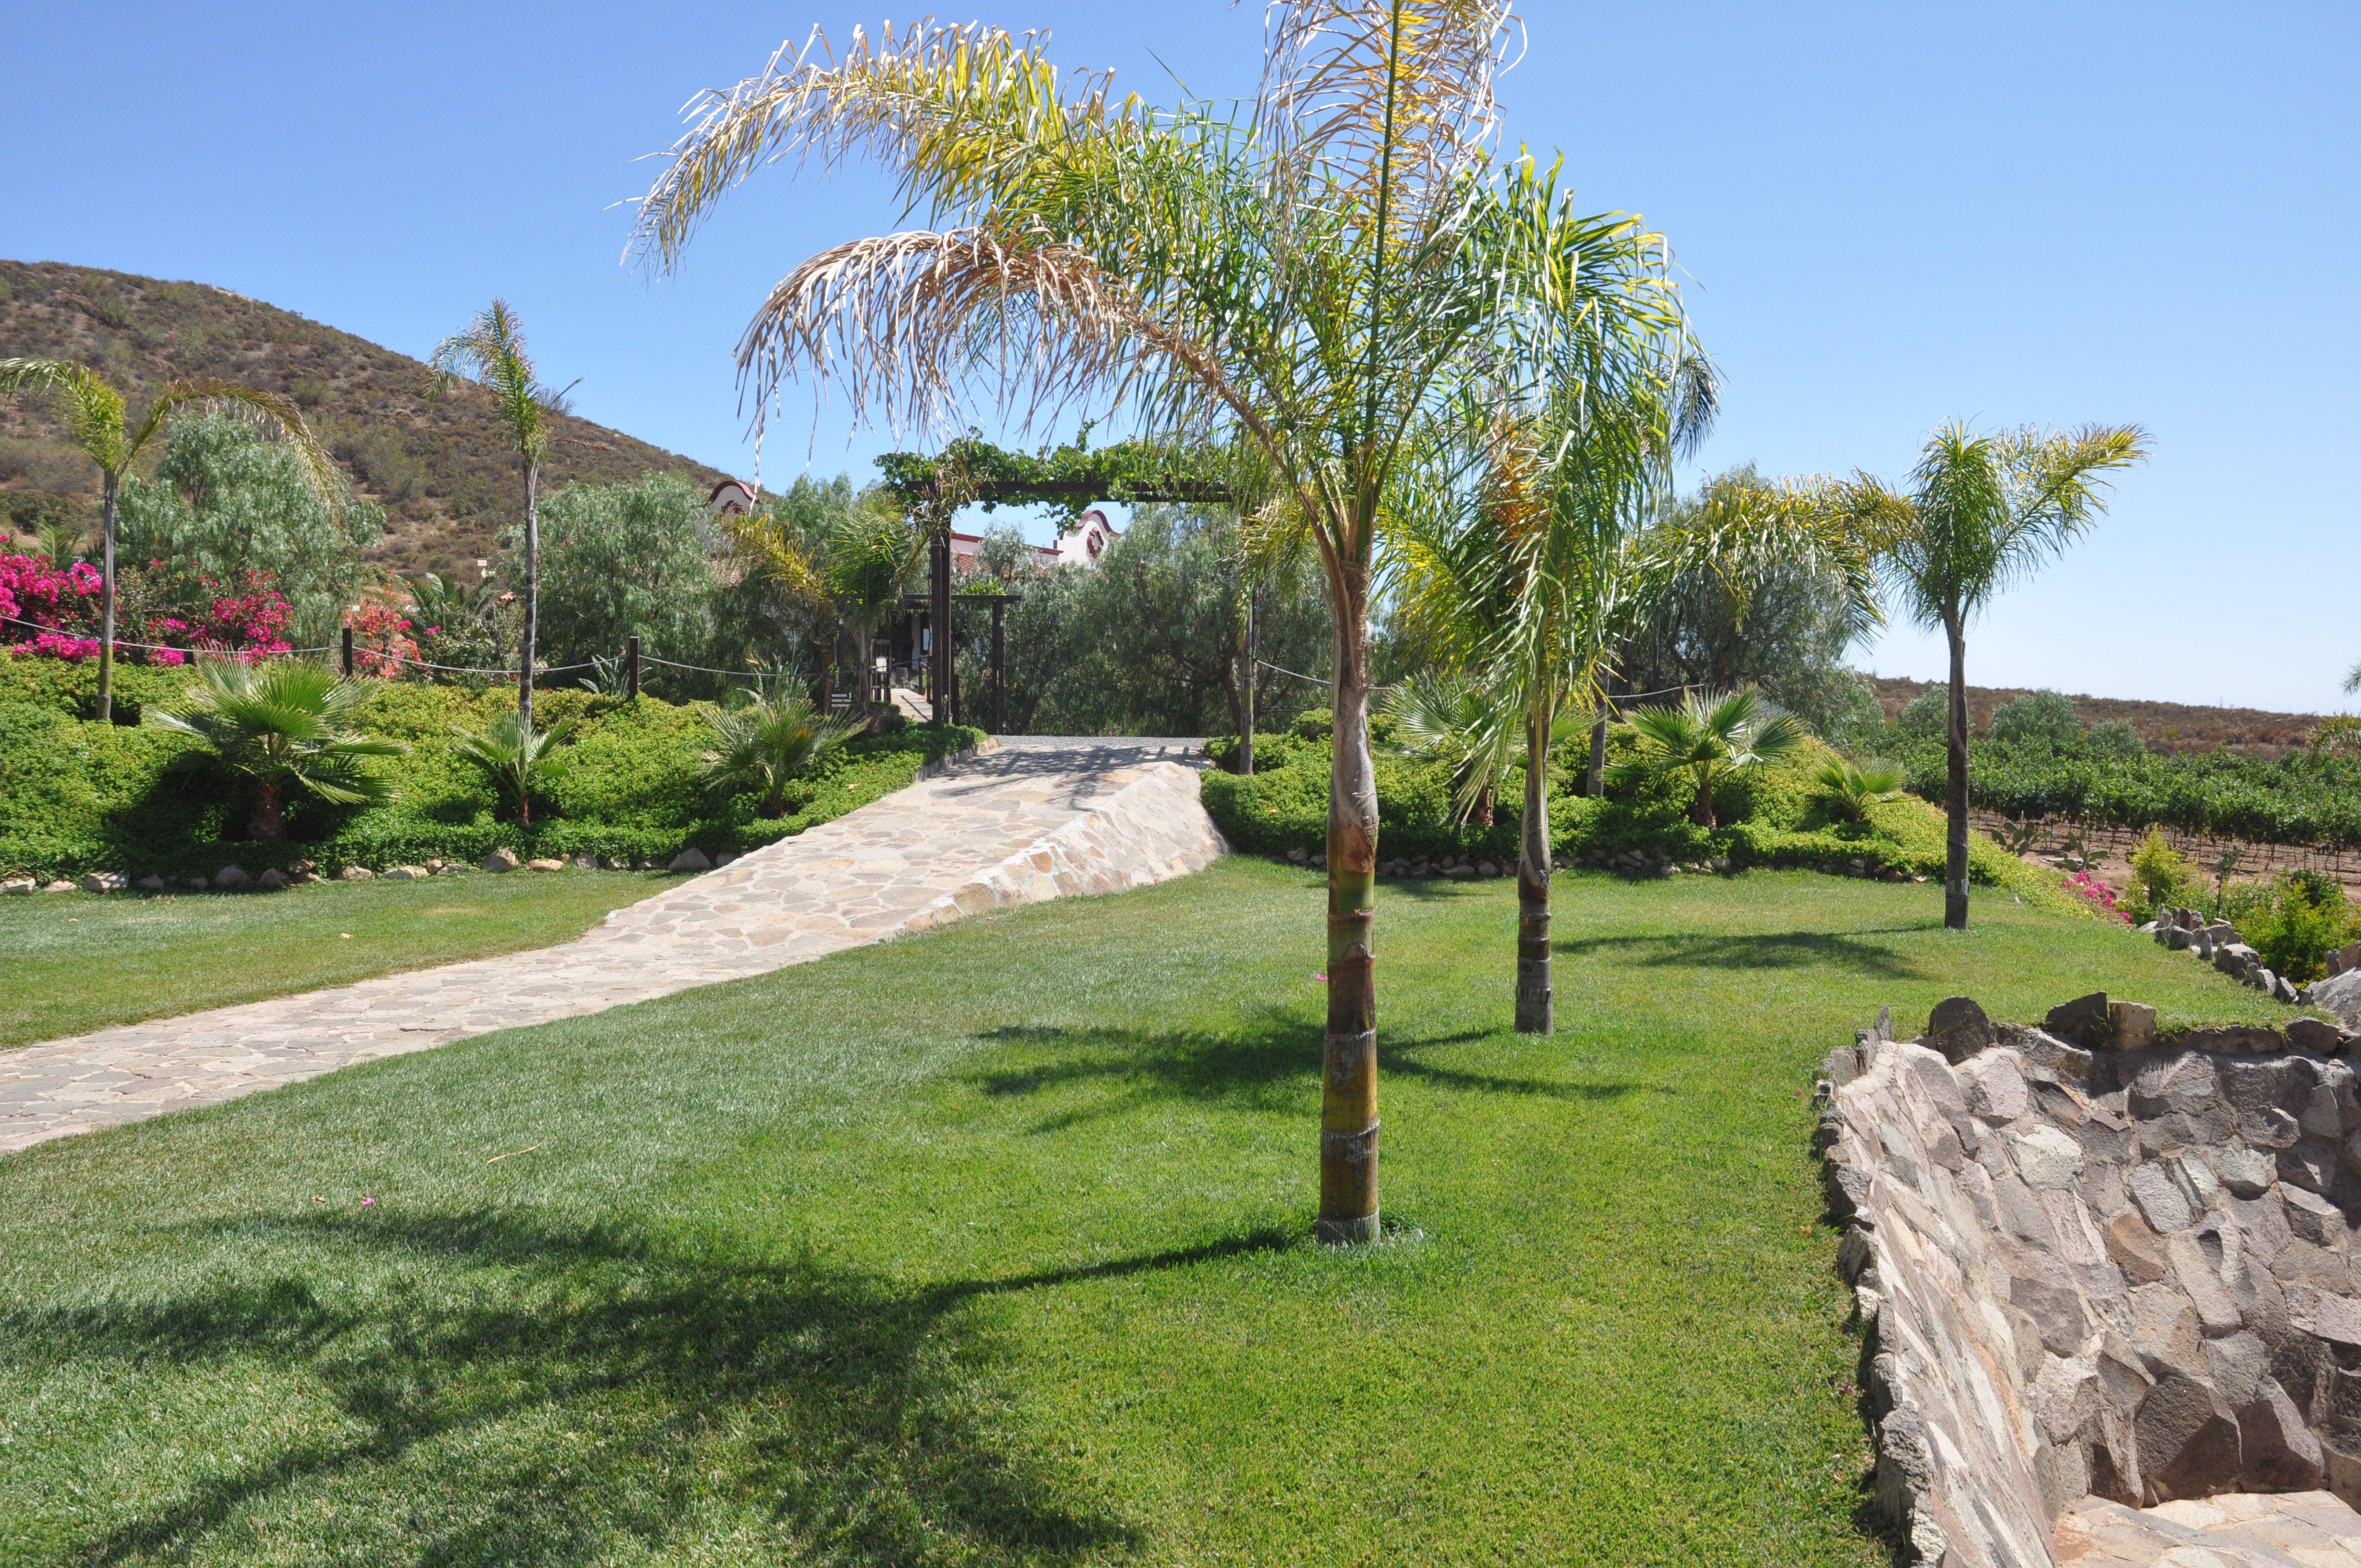 Uno de los jardines ideal para eventos peque os 80 for Jardines para eventos